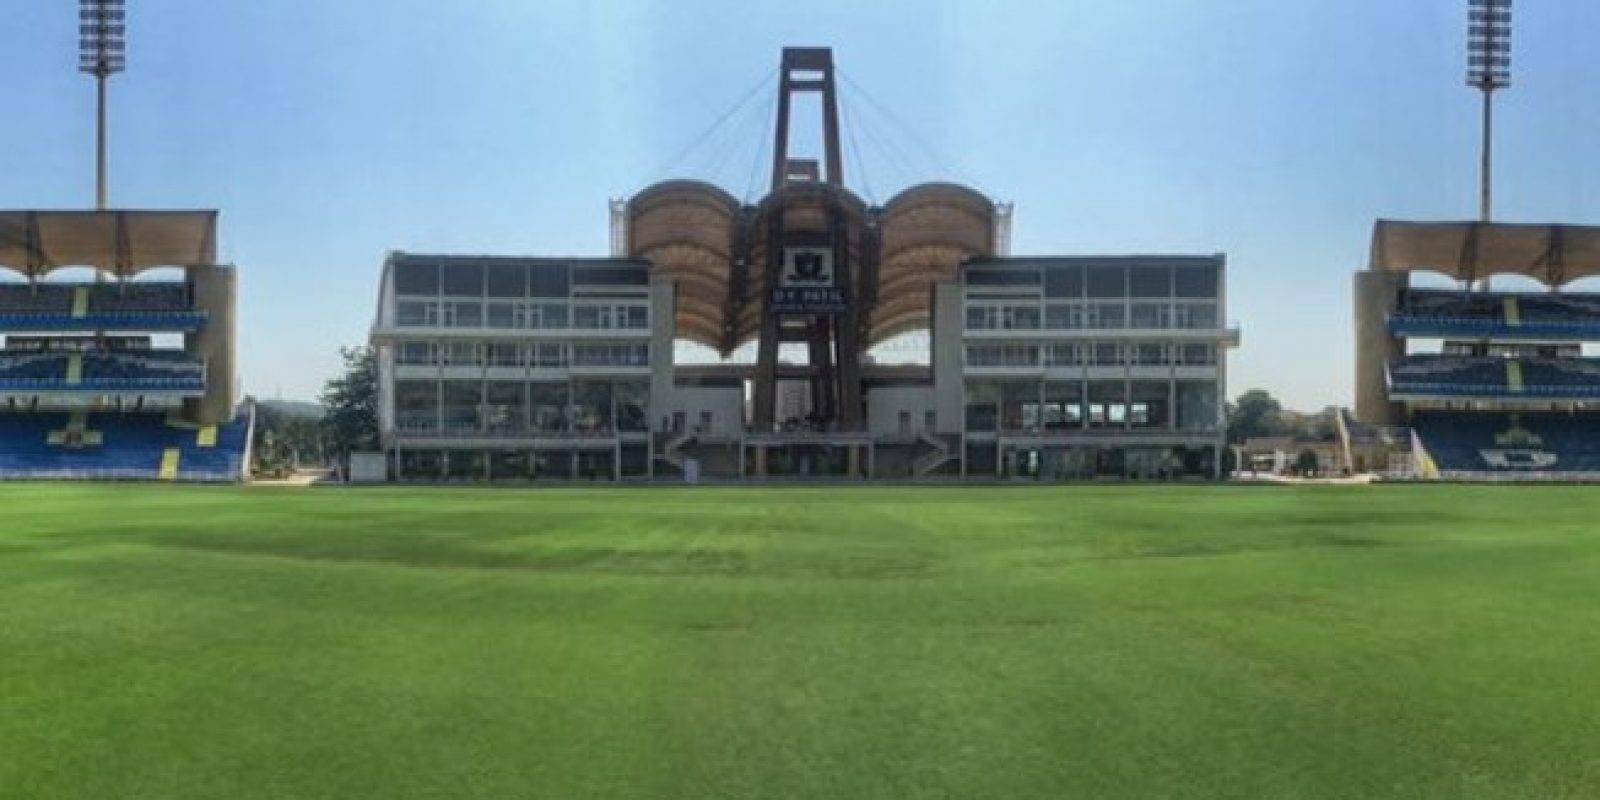 Dr. DY Patil Sports Stadium (Bombay): El más reciente de los estadio del Mundial Sub 17. Con el objetivo que sea un recinto para el fútbol y el cricket, fue inaugurado en 2008 y tiene una capacidad para 51 mil espectadores